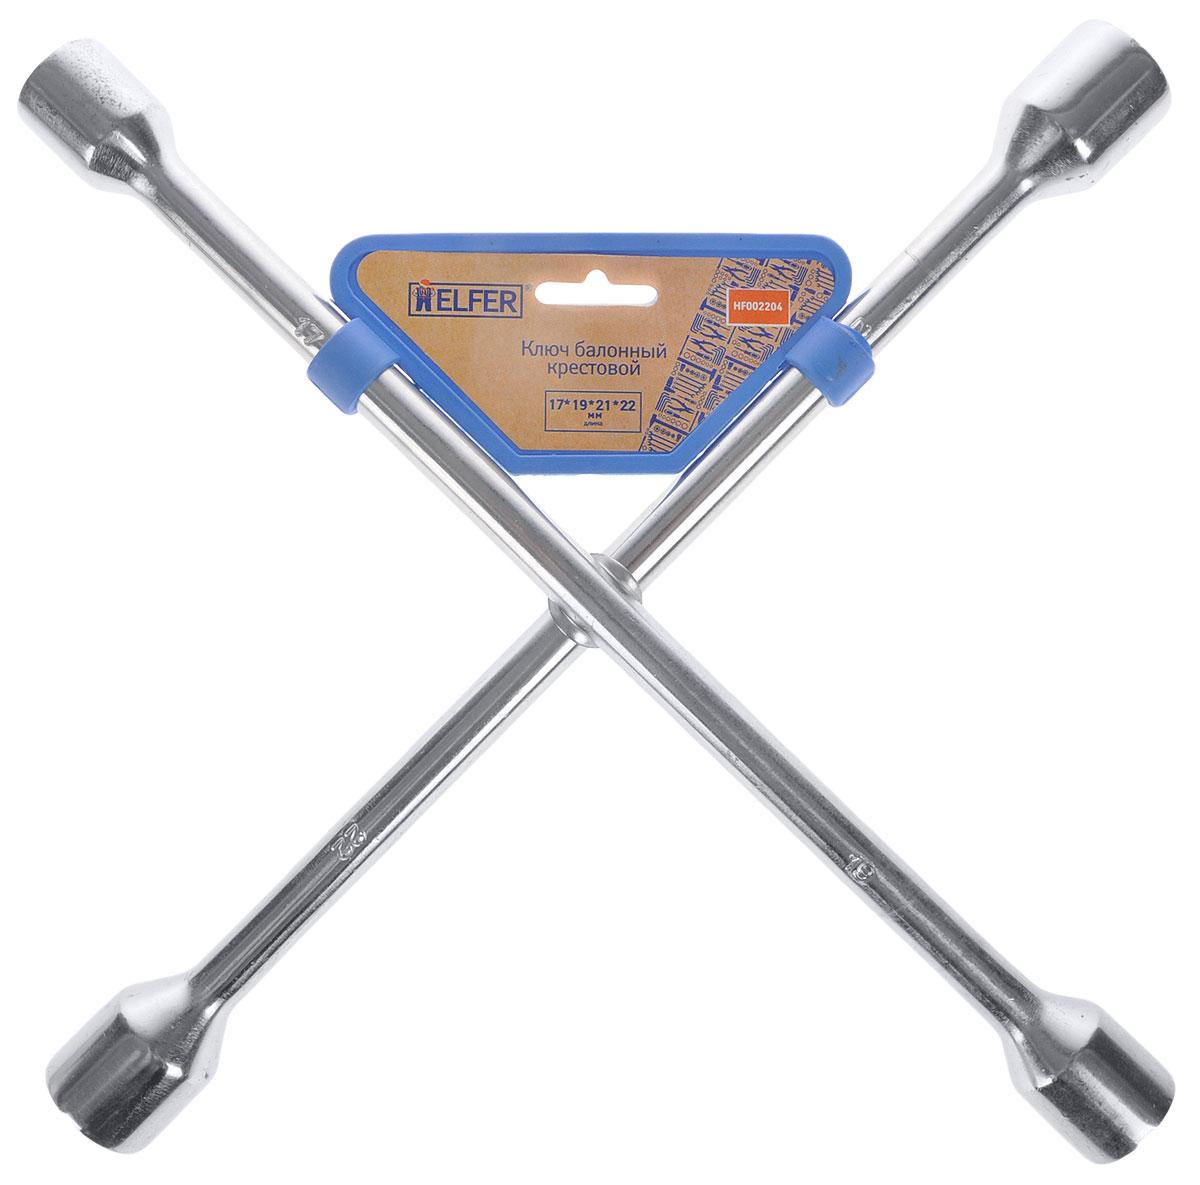 Ключ баллонный крестовой Helfer, 17мм, 19 мм, 21 мм, 22 ммHF002204Баллонный крестовой ключ Helfer применяется для монтажа и демонтажа автомобильных колес. Такой инструмент является идеальным решением для использования в любых автосервисах. Данный ключ имеет четыре головки размерами 17 мм, 19 мм, 21 мм и 22 мм. Ключ выполнен из высококачественной стали.